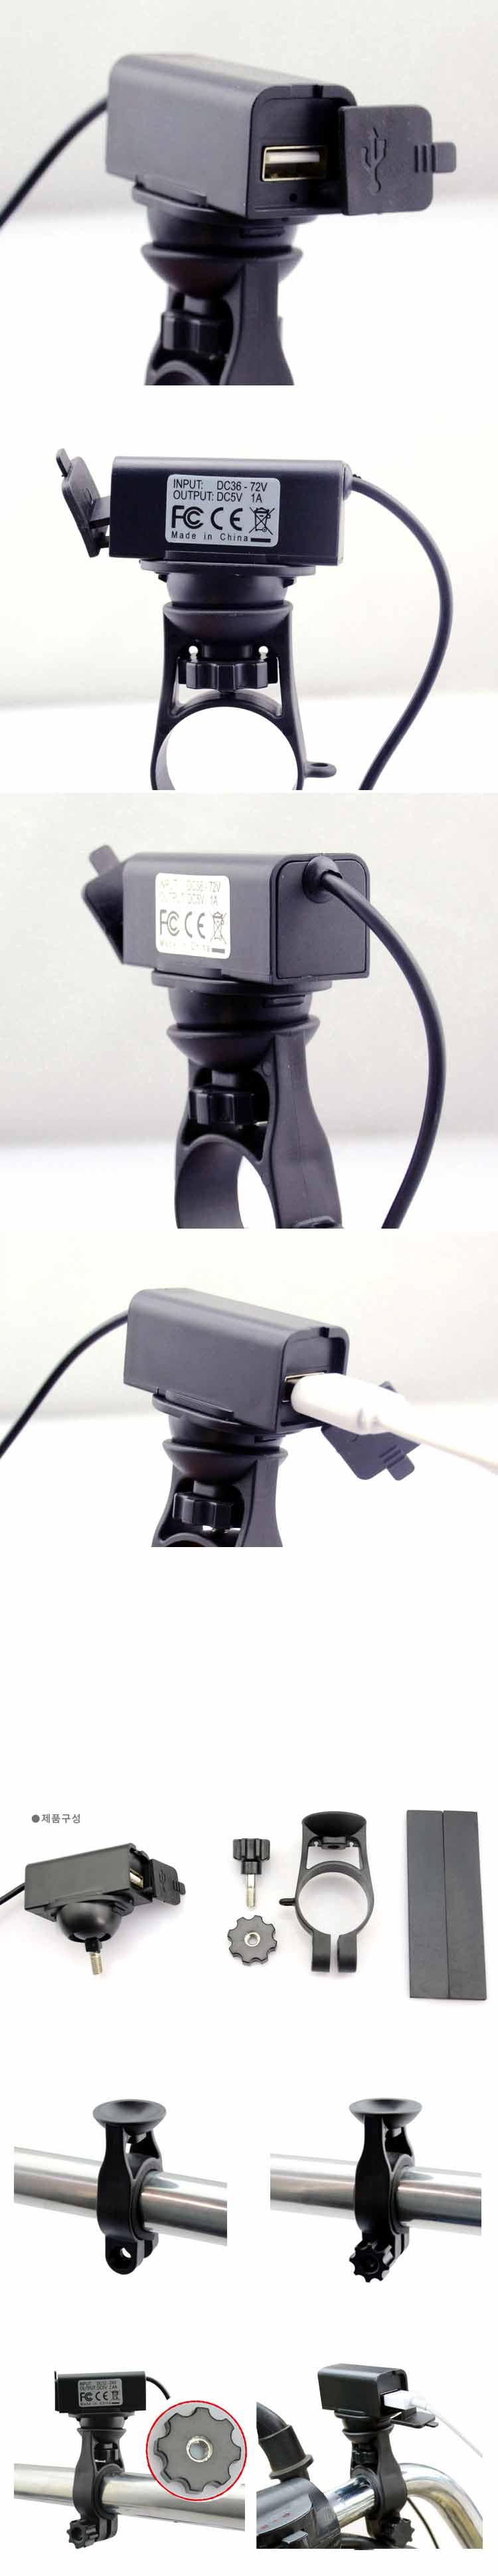 전동스쿠터용 36~72v 입력 USB 5v/1A 충전 아웃렛-핸들거치형